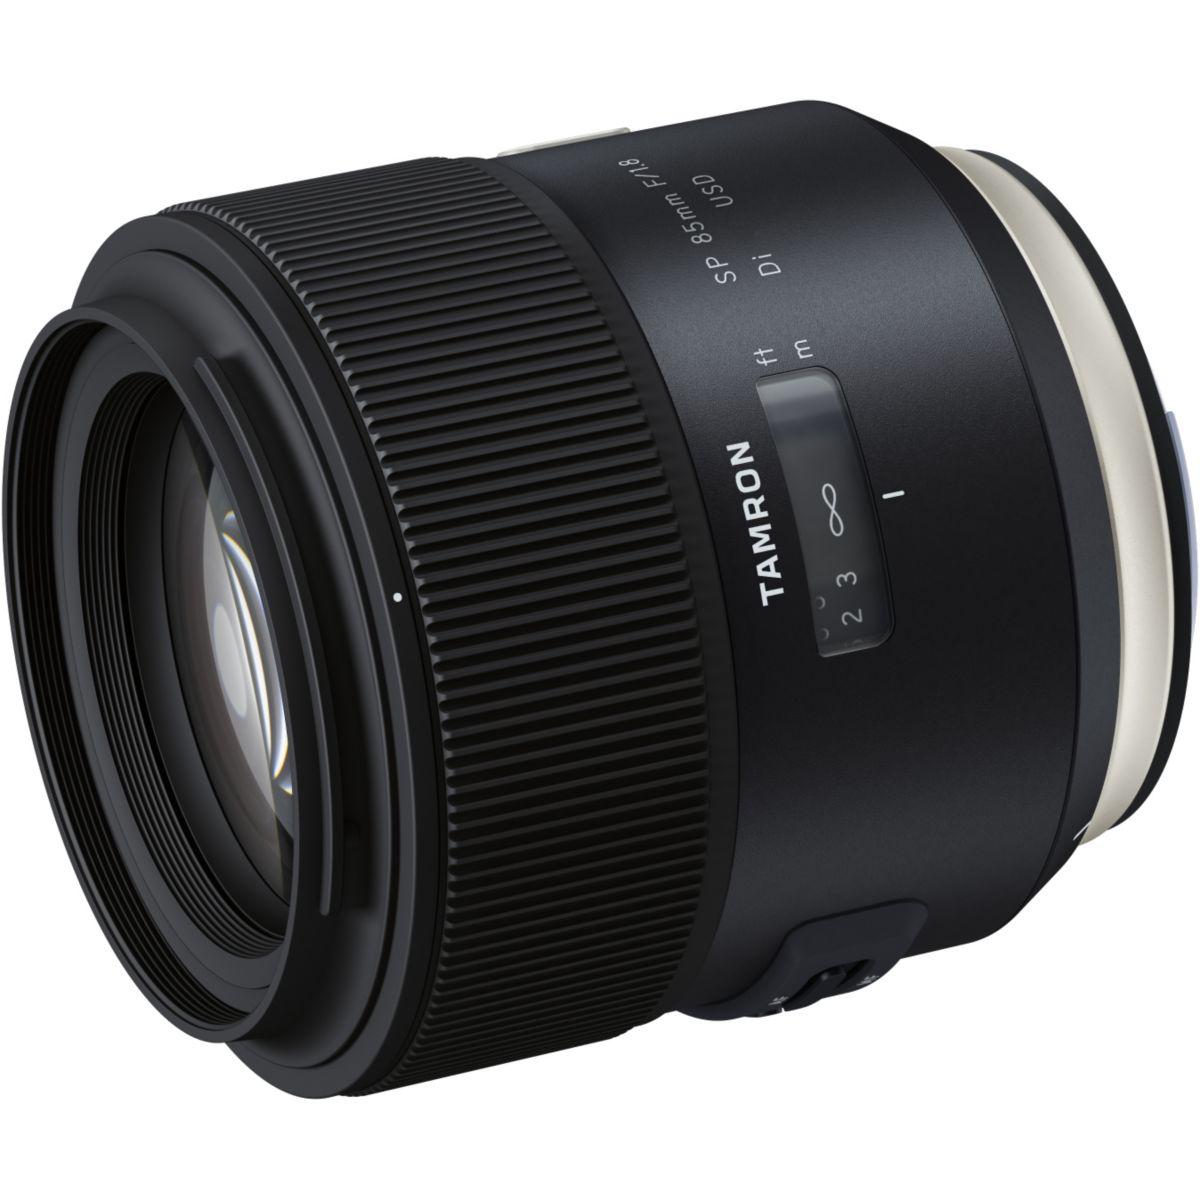 Objectif pour Reflex TAMRON SP 85mm F/1,8 Di USD Sony